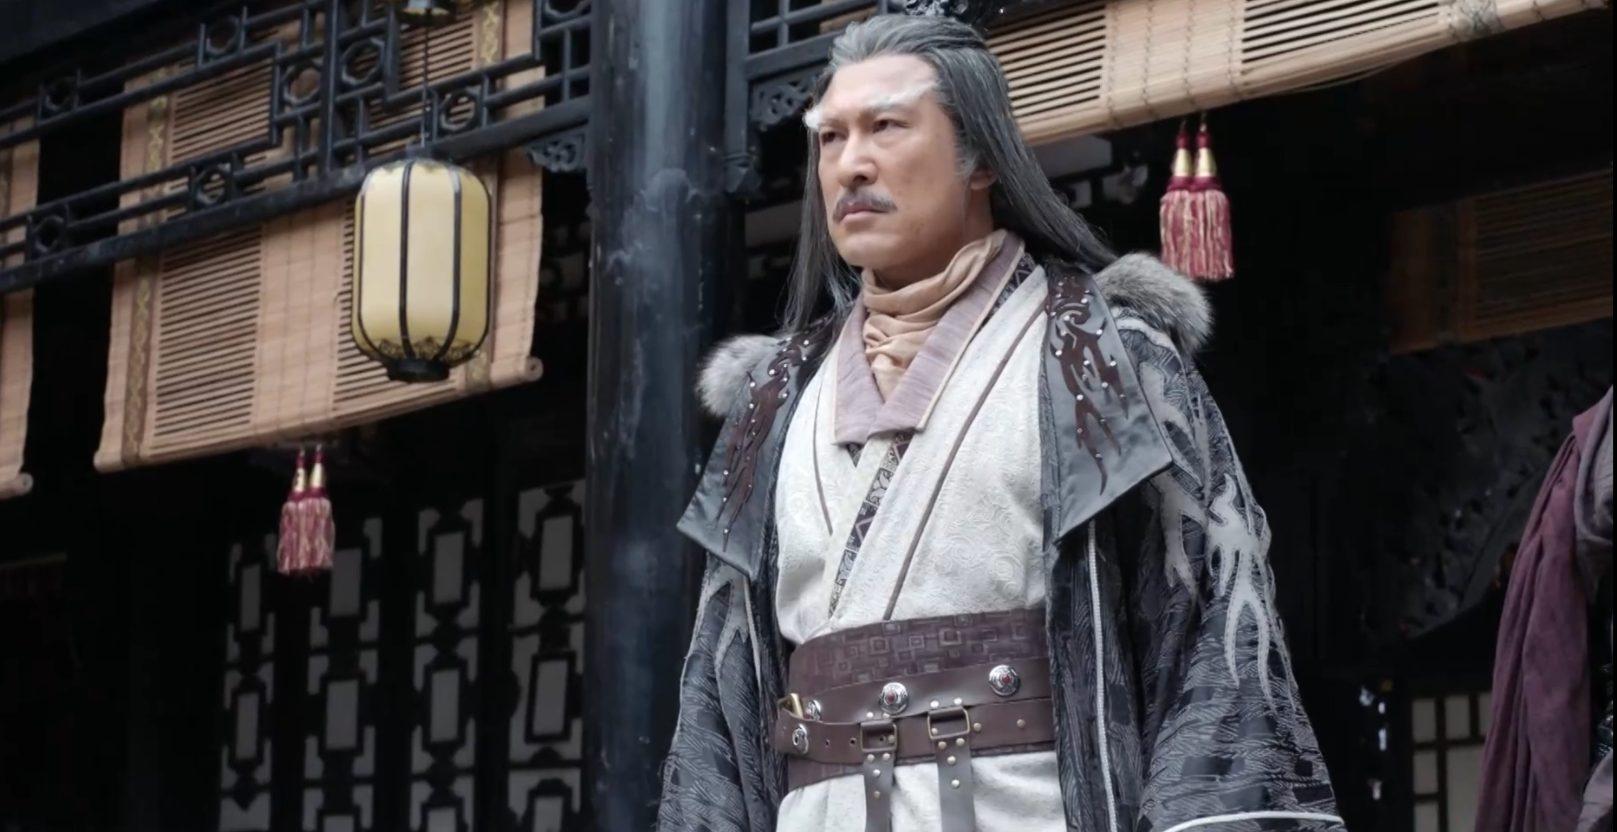 4 nhân vật quá mạnh để trở thành nhân vật chính trong phim Kim Dung: 1 trong số còn từng được check hàng bởi Trương Tam Phong - Ảnh 6.